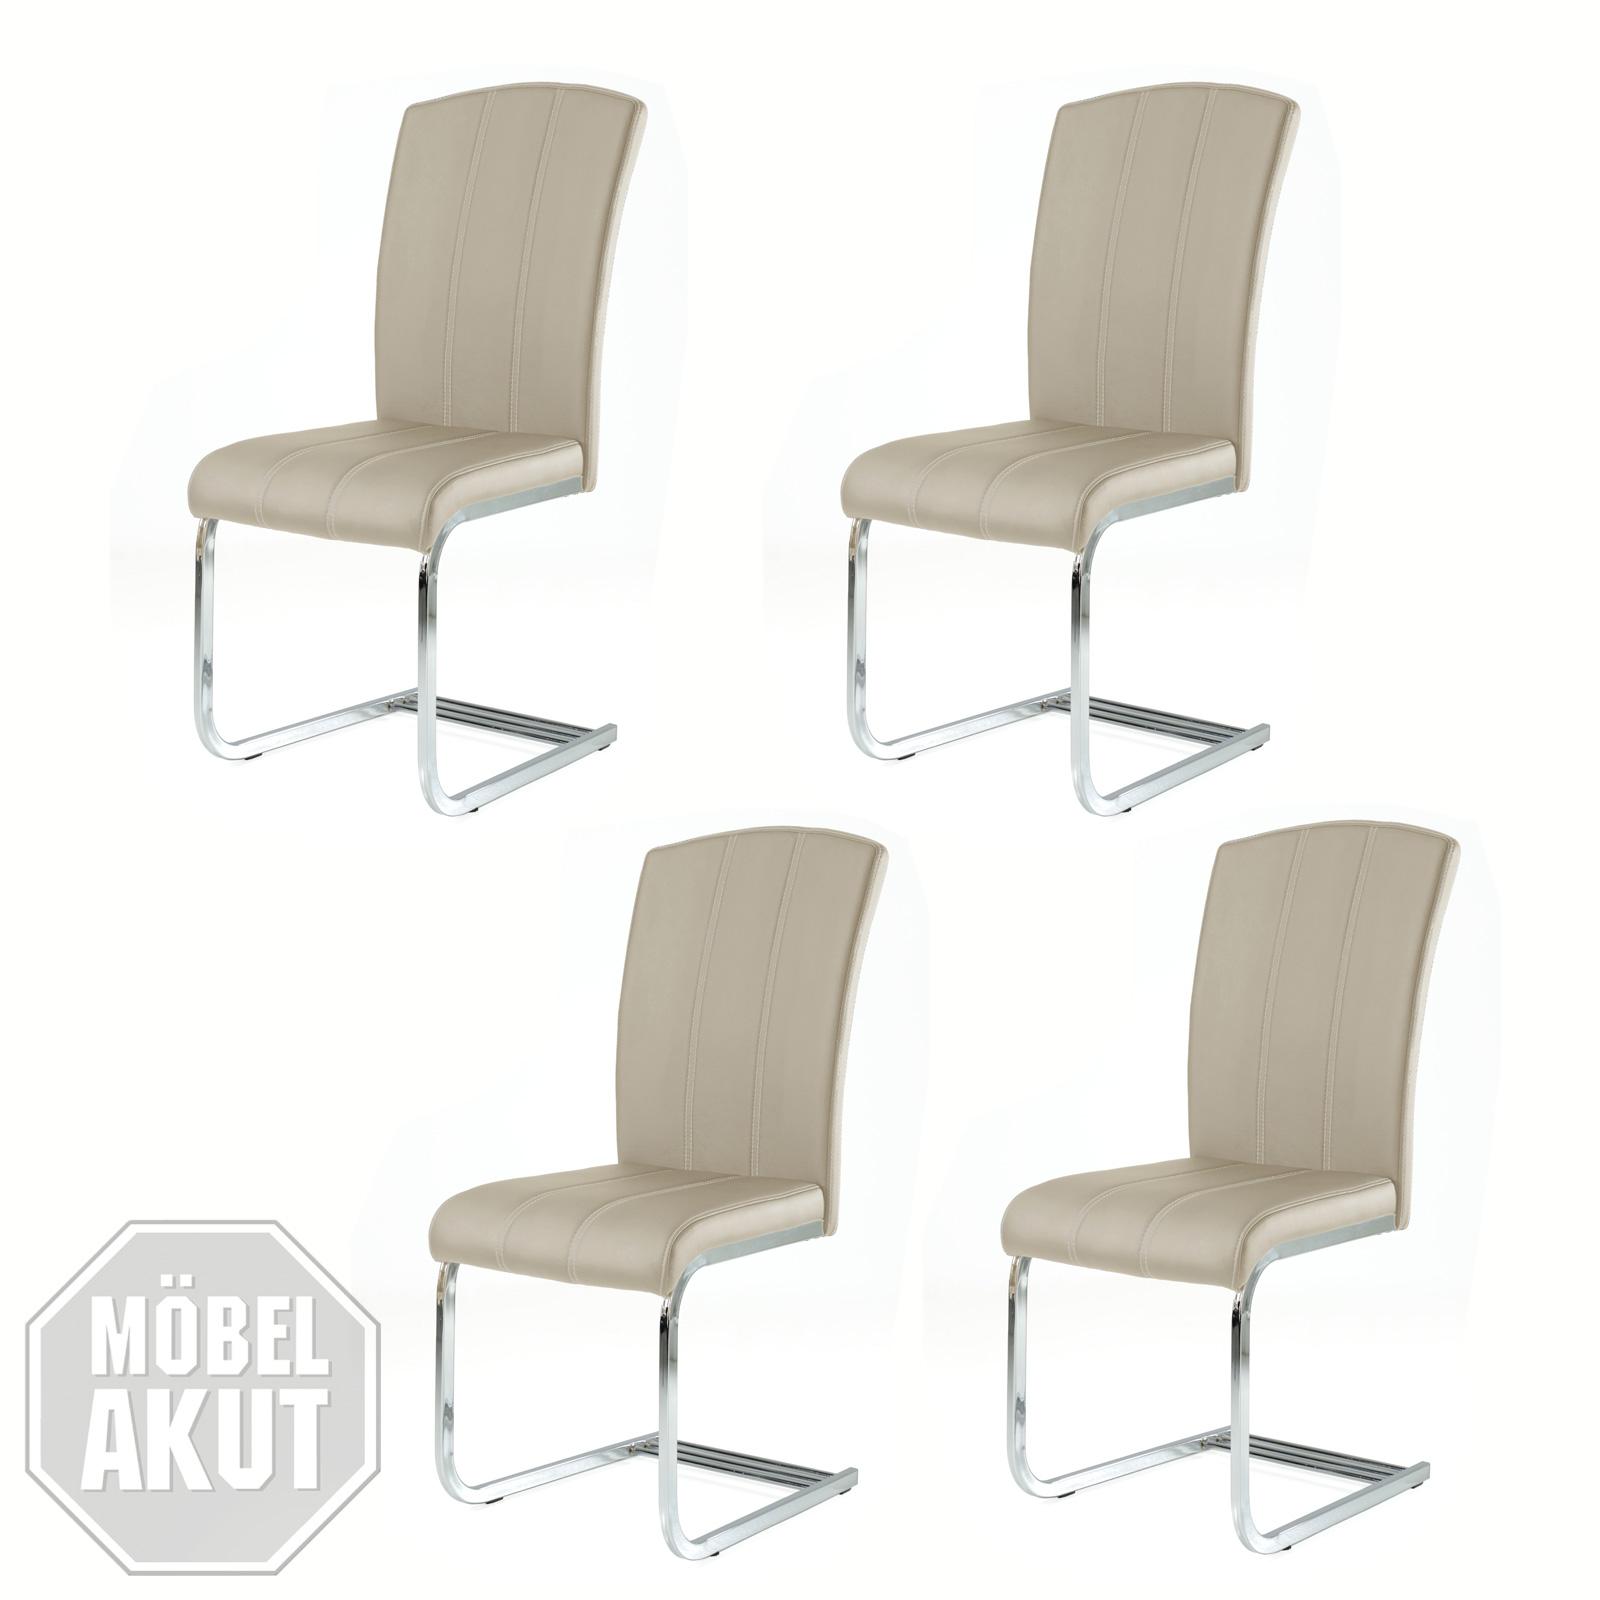 4er set schwingstuhl nancy stuhl schwinger freischwinger. Black Bedroom Furniture Sets. Home Design Ideas